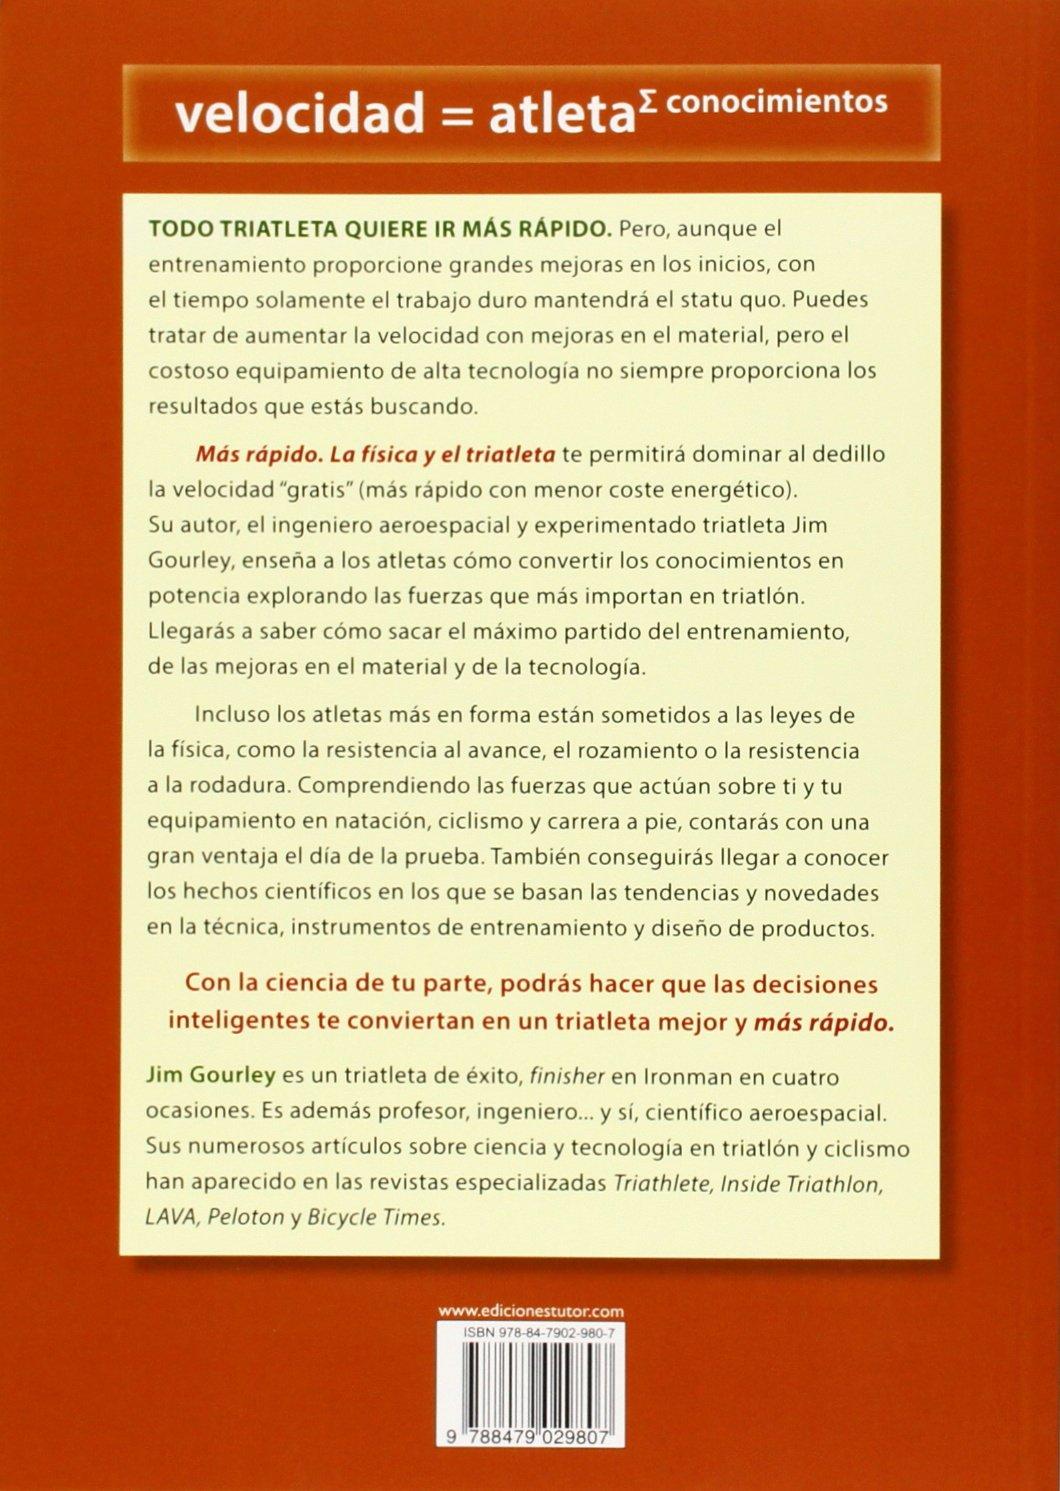 MAS RAPIDO LA FISICA Y EL TRIATLETA: JIM GOURLEY: 9788479029807: Amazon.com: Books